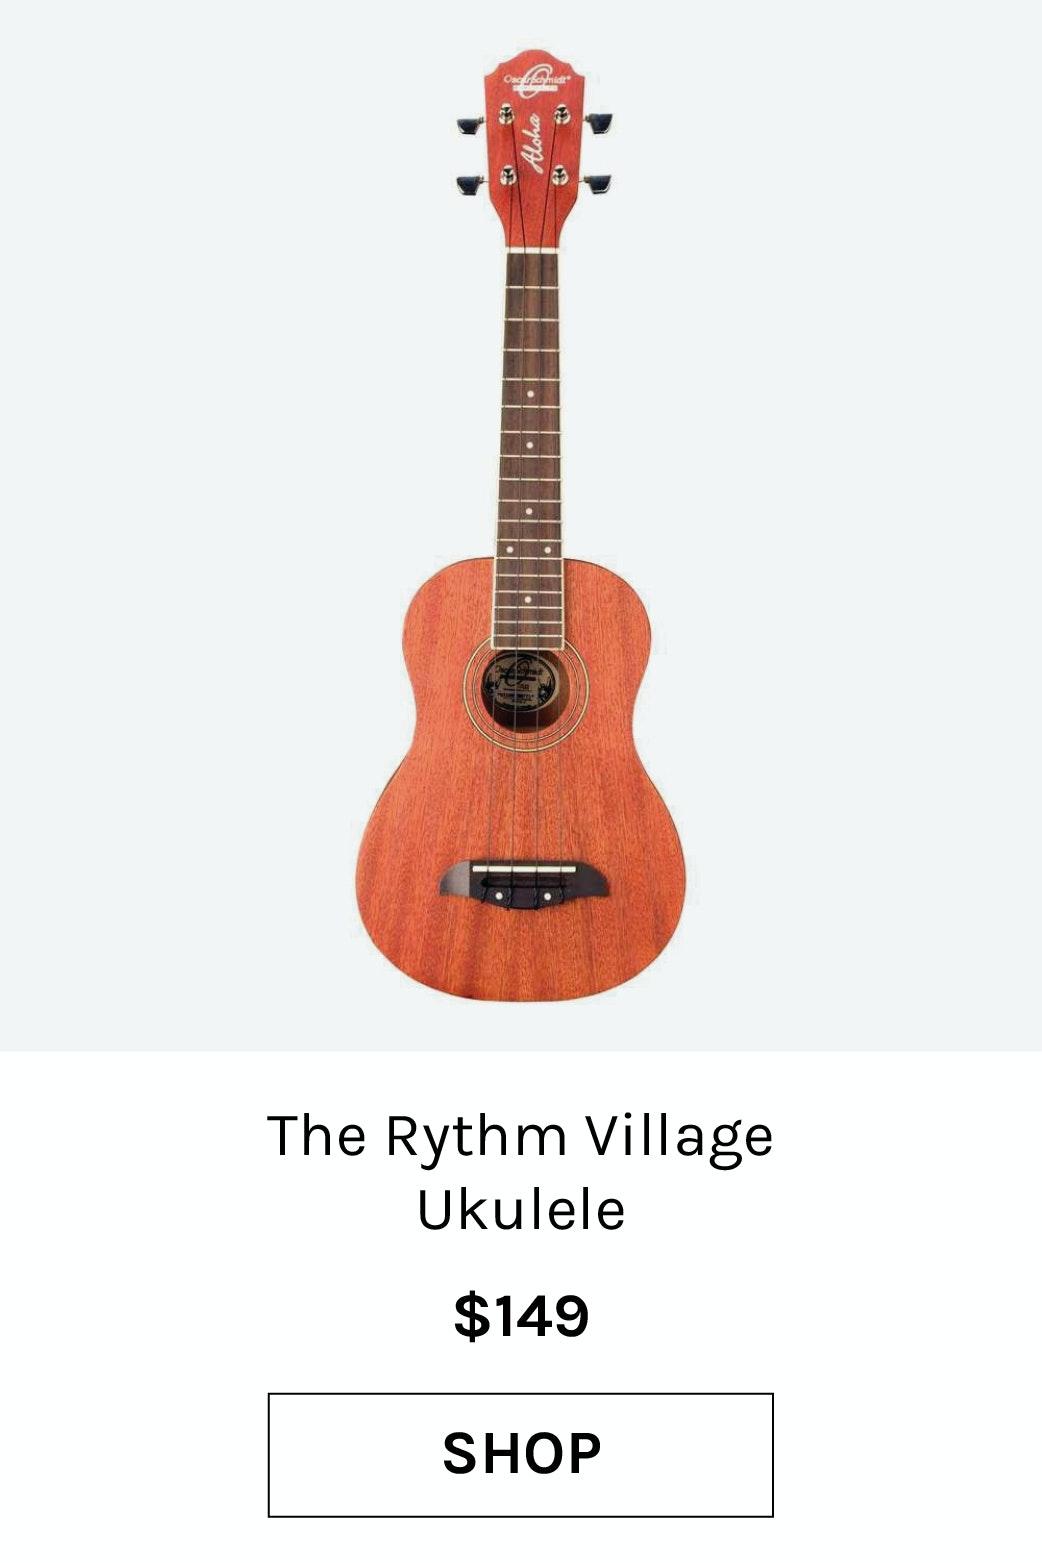 The Rhythm Village Ukelele